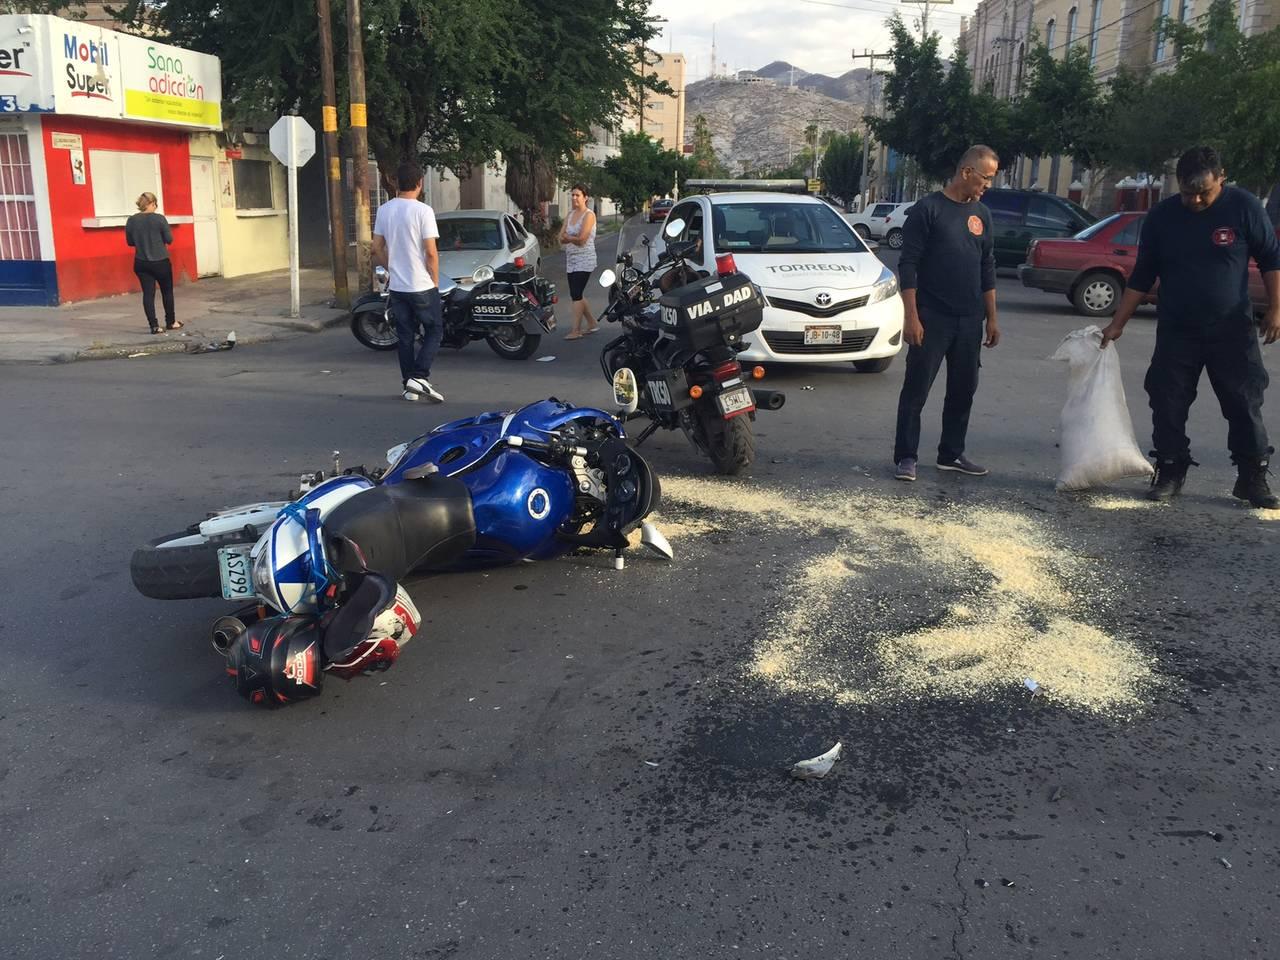 Motociclista sale con varias lesiones